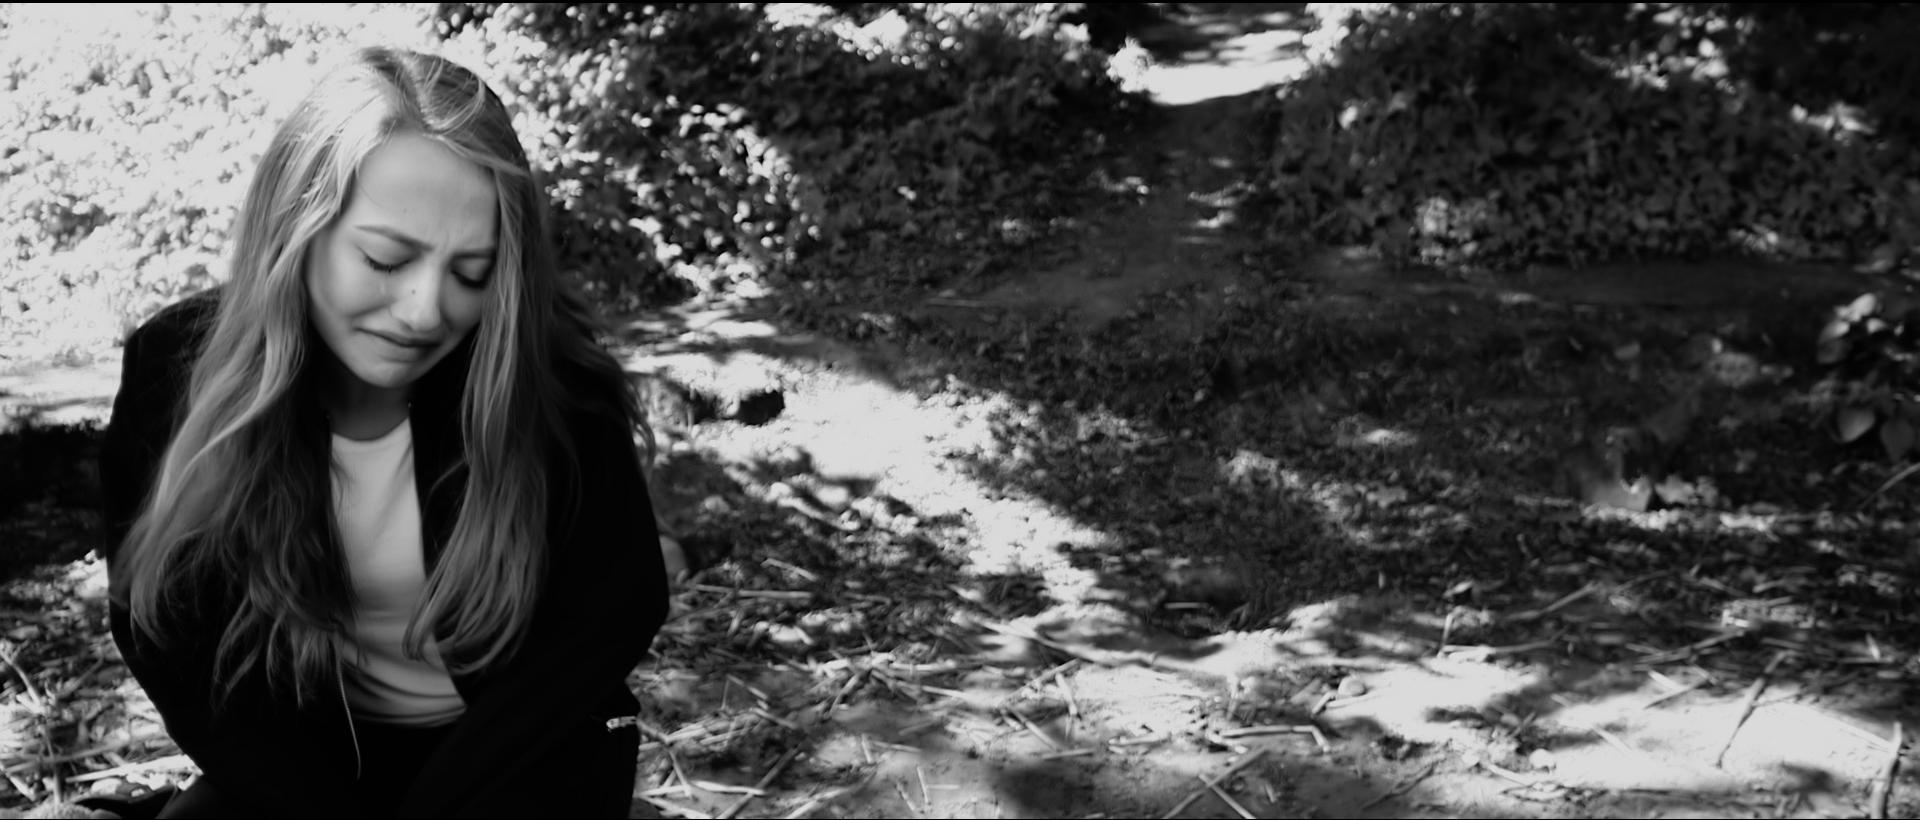 Fate film - Liv Wiklund